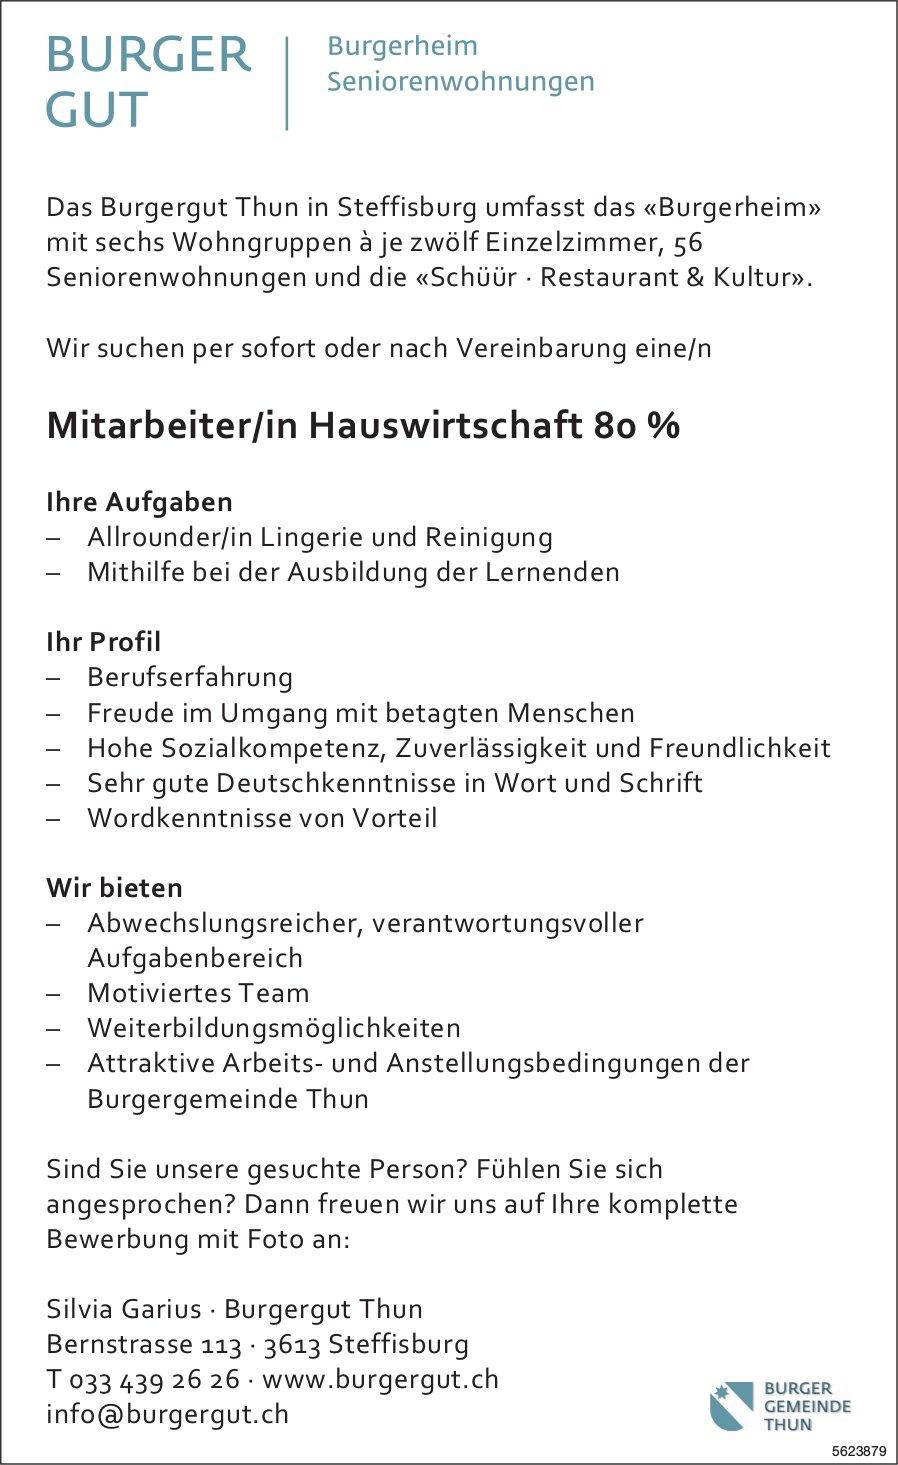 Mitarbeiter/in Hauswirtschaft 80 %, Burgergut Thun, Steffisburg, gesucht